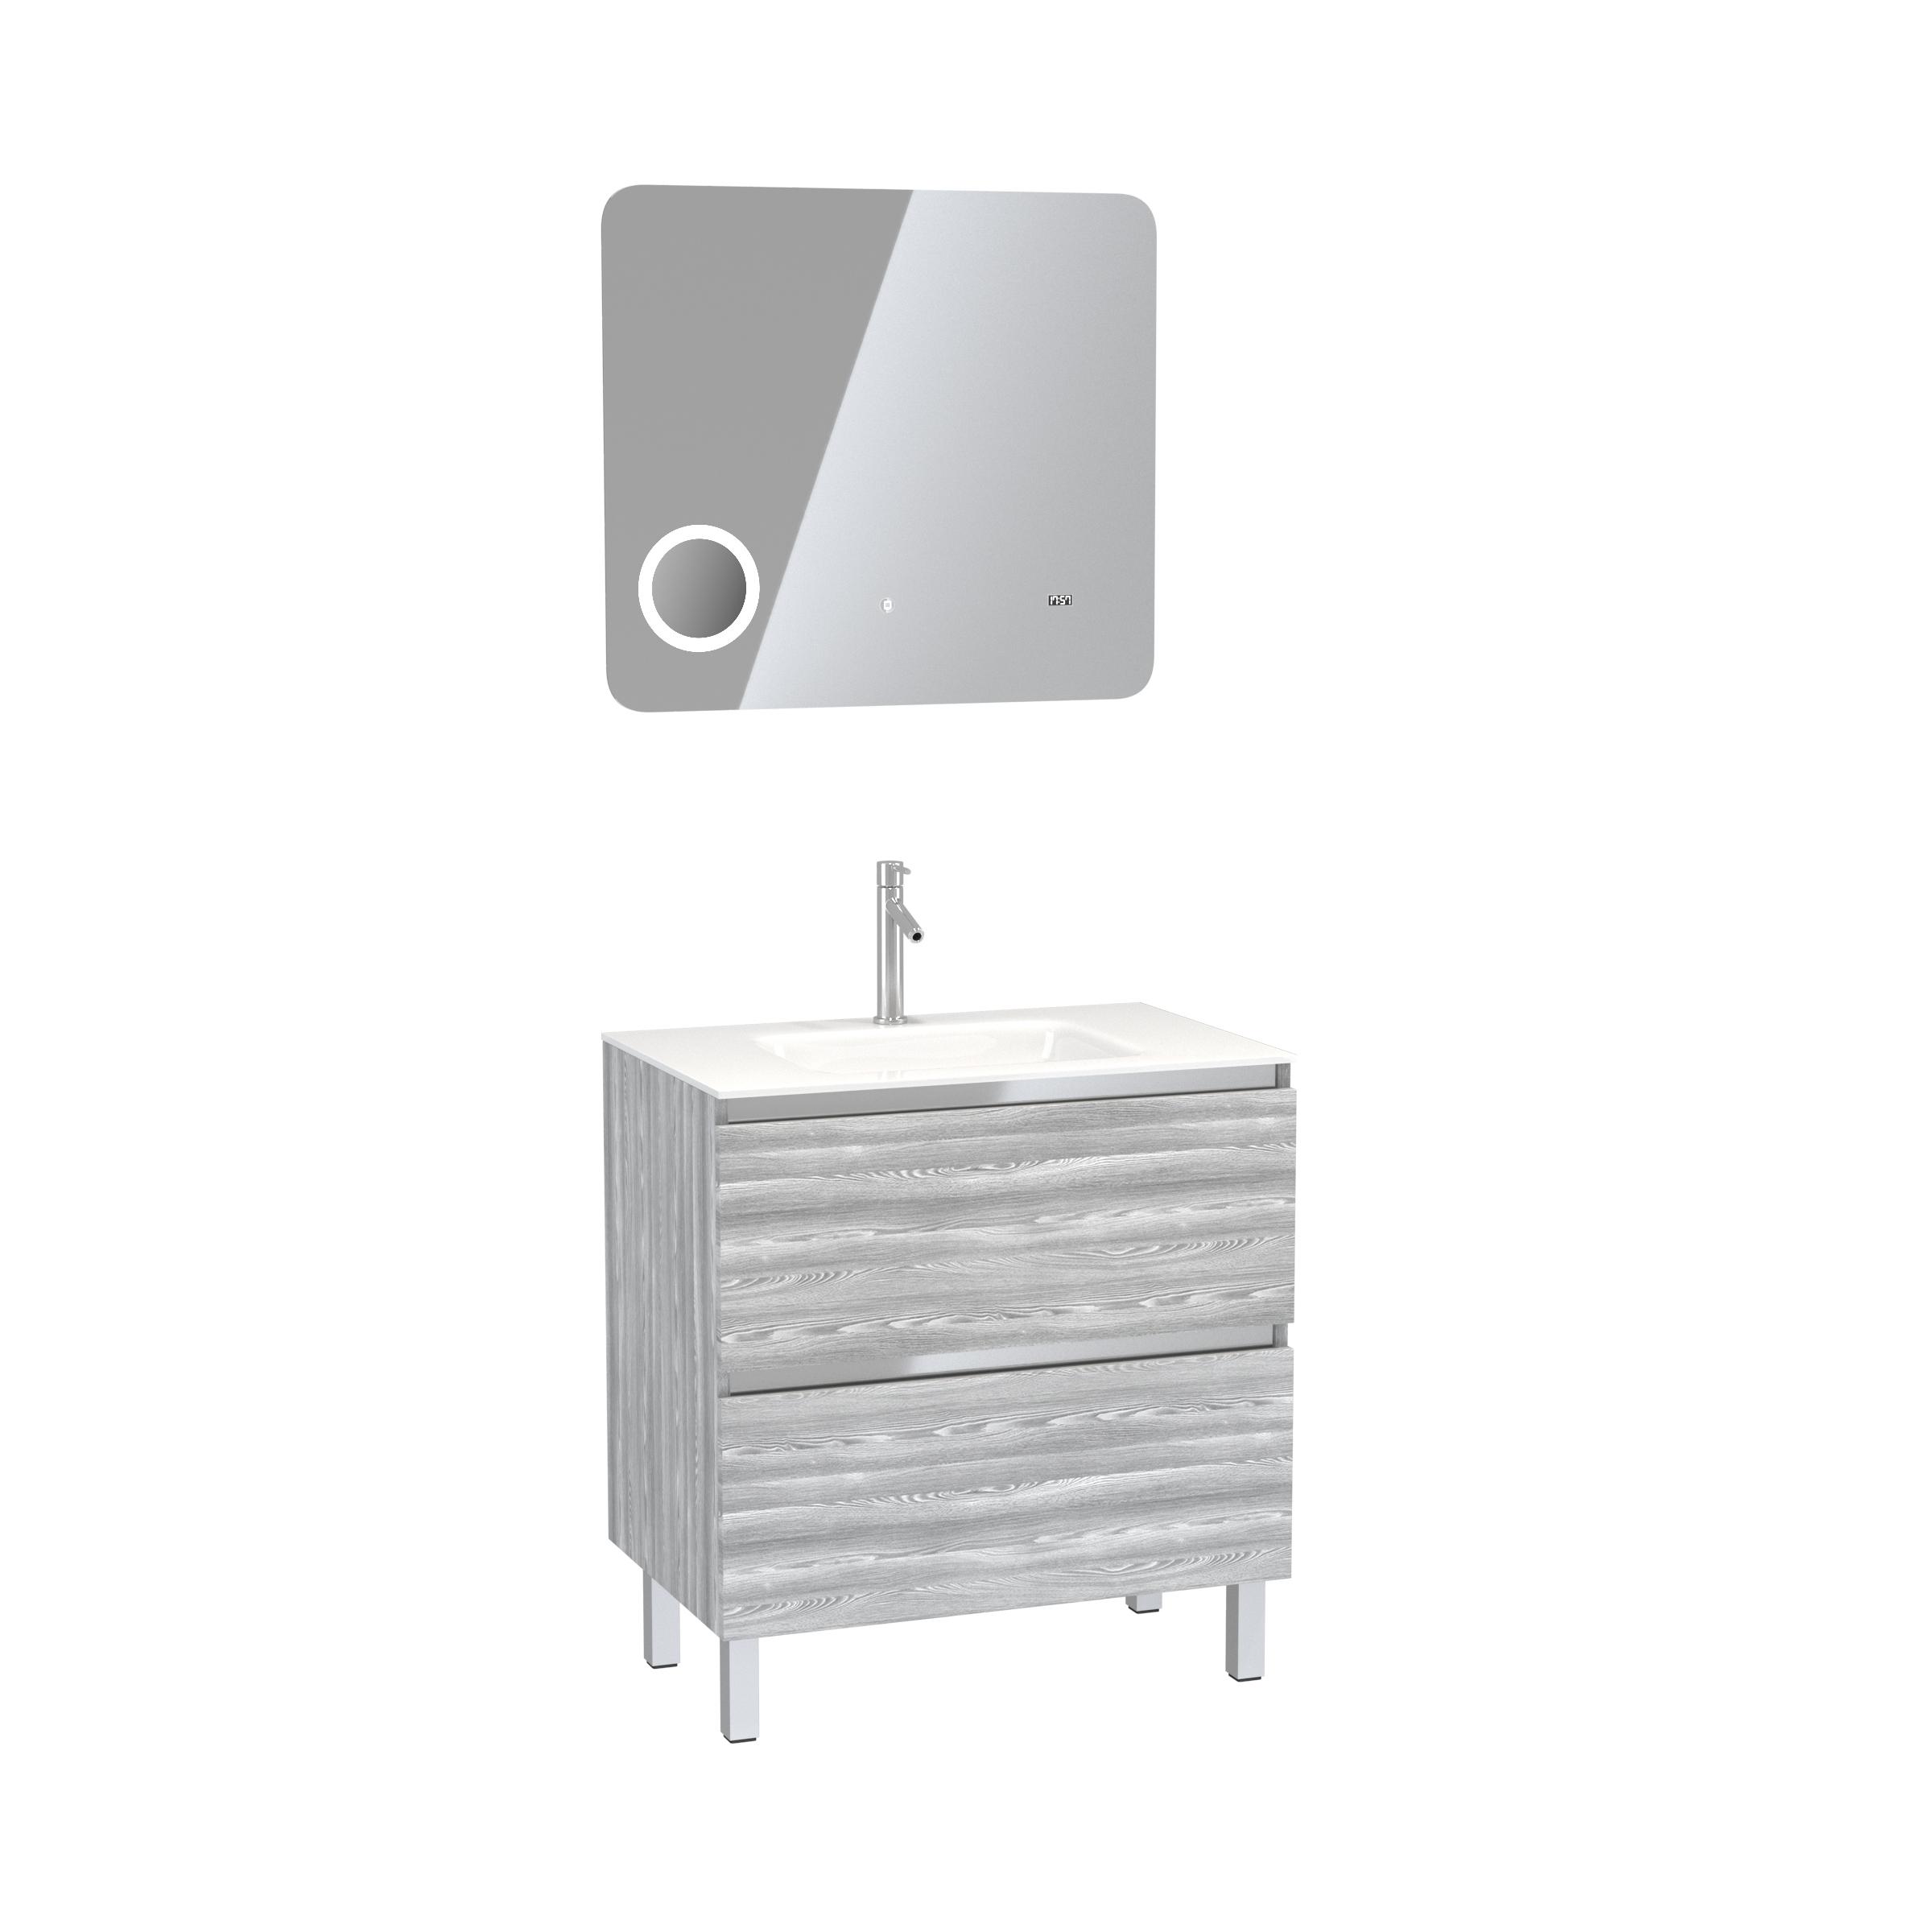 Pack Meuble de salle de bain 80x50 cm Chêne gris-blanc + vasque verre blanc + miroir LED 80x70